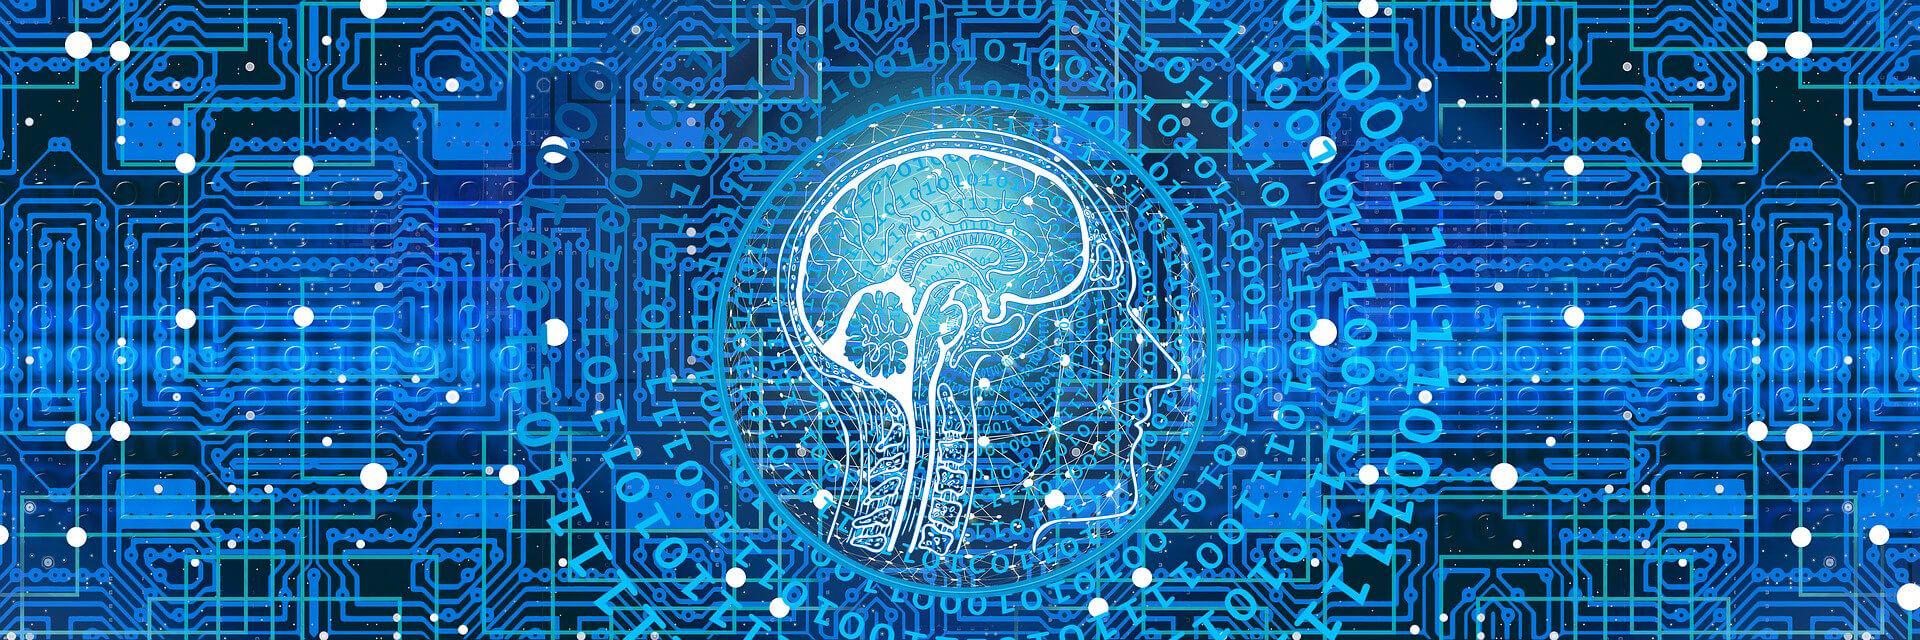 Revolutionary AI Breakthrough - Perceiver AI